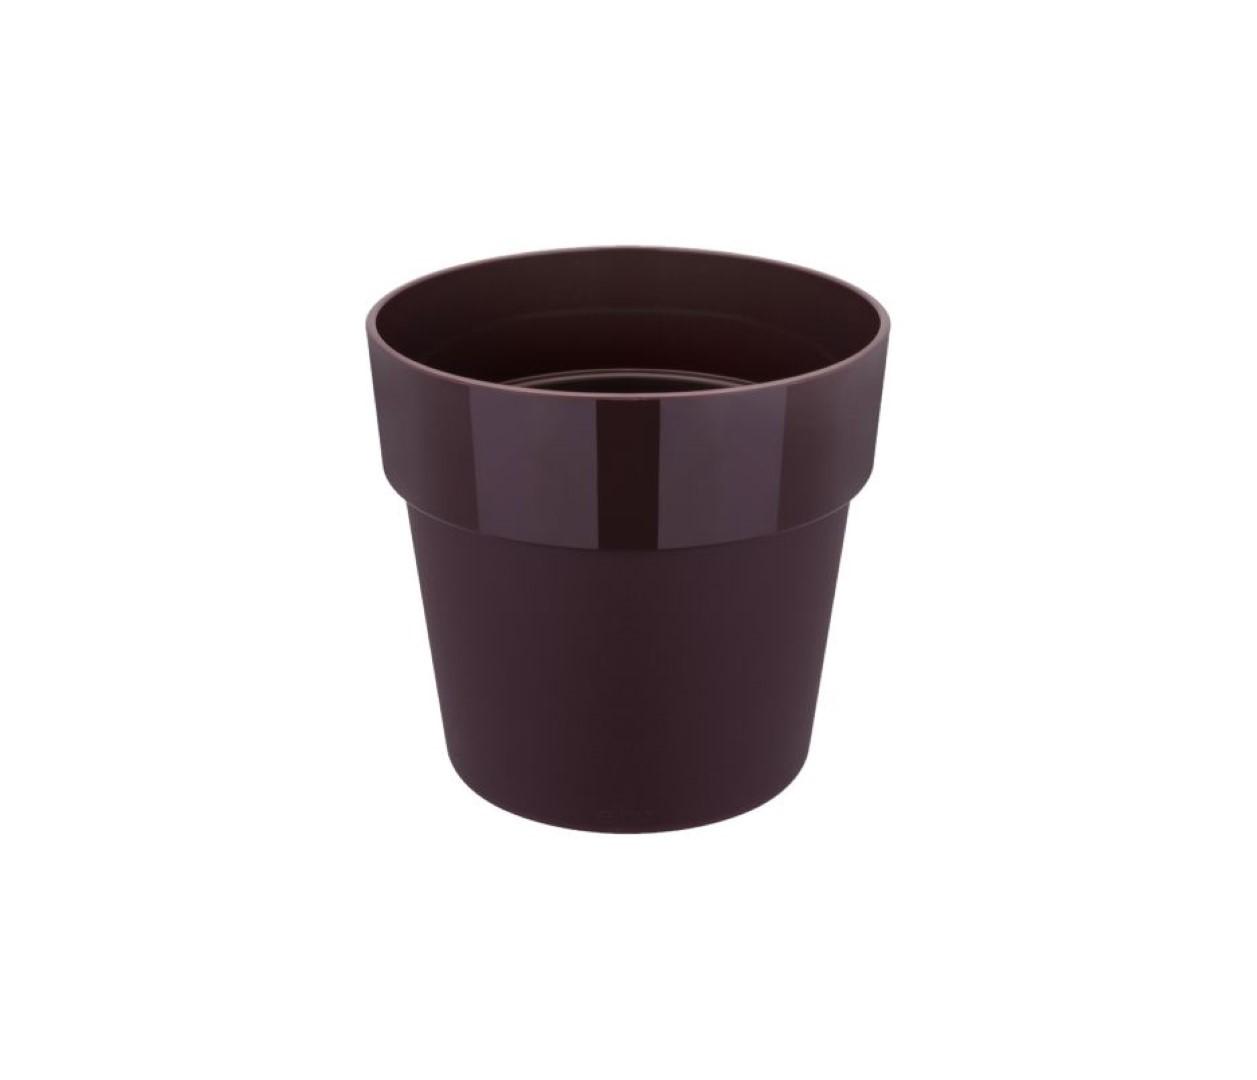 B.for original rond 30 bloempot moerbei paars binnen dia. 29,5 x h 27,2 cm